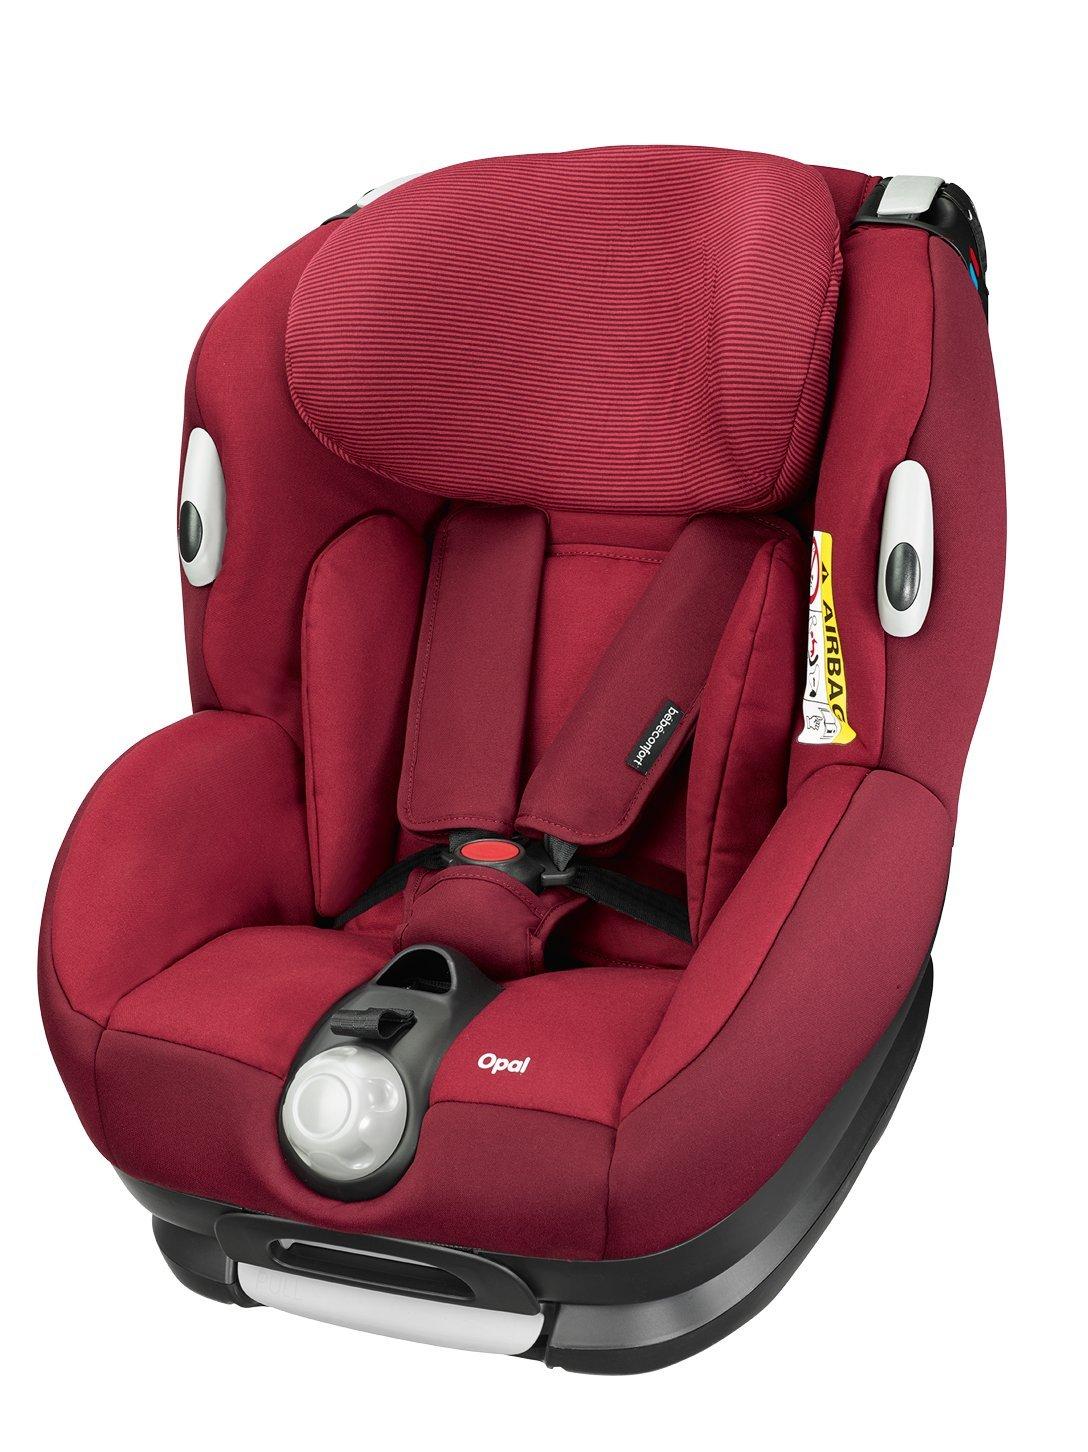 Bébé Confort Opal Seggiolino Auto 0-18 kg Reclinabile, Gruppo 0+/1, 0-4 Anni, Colore Black Raven Dorel 85258950